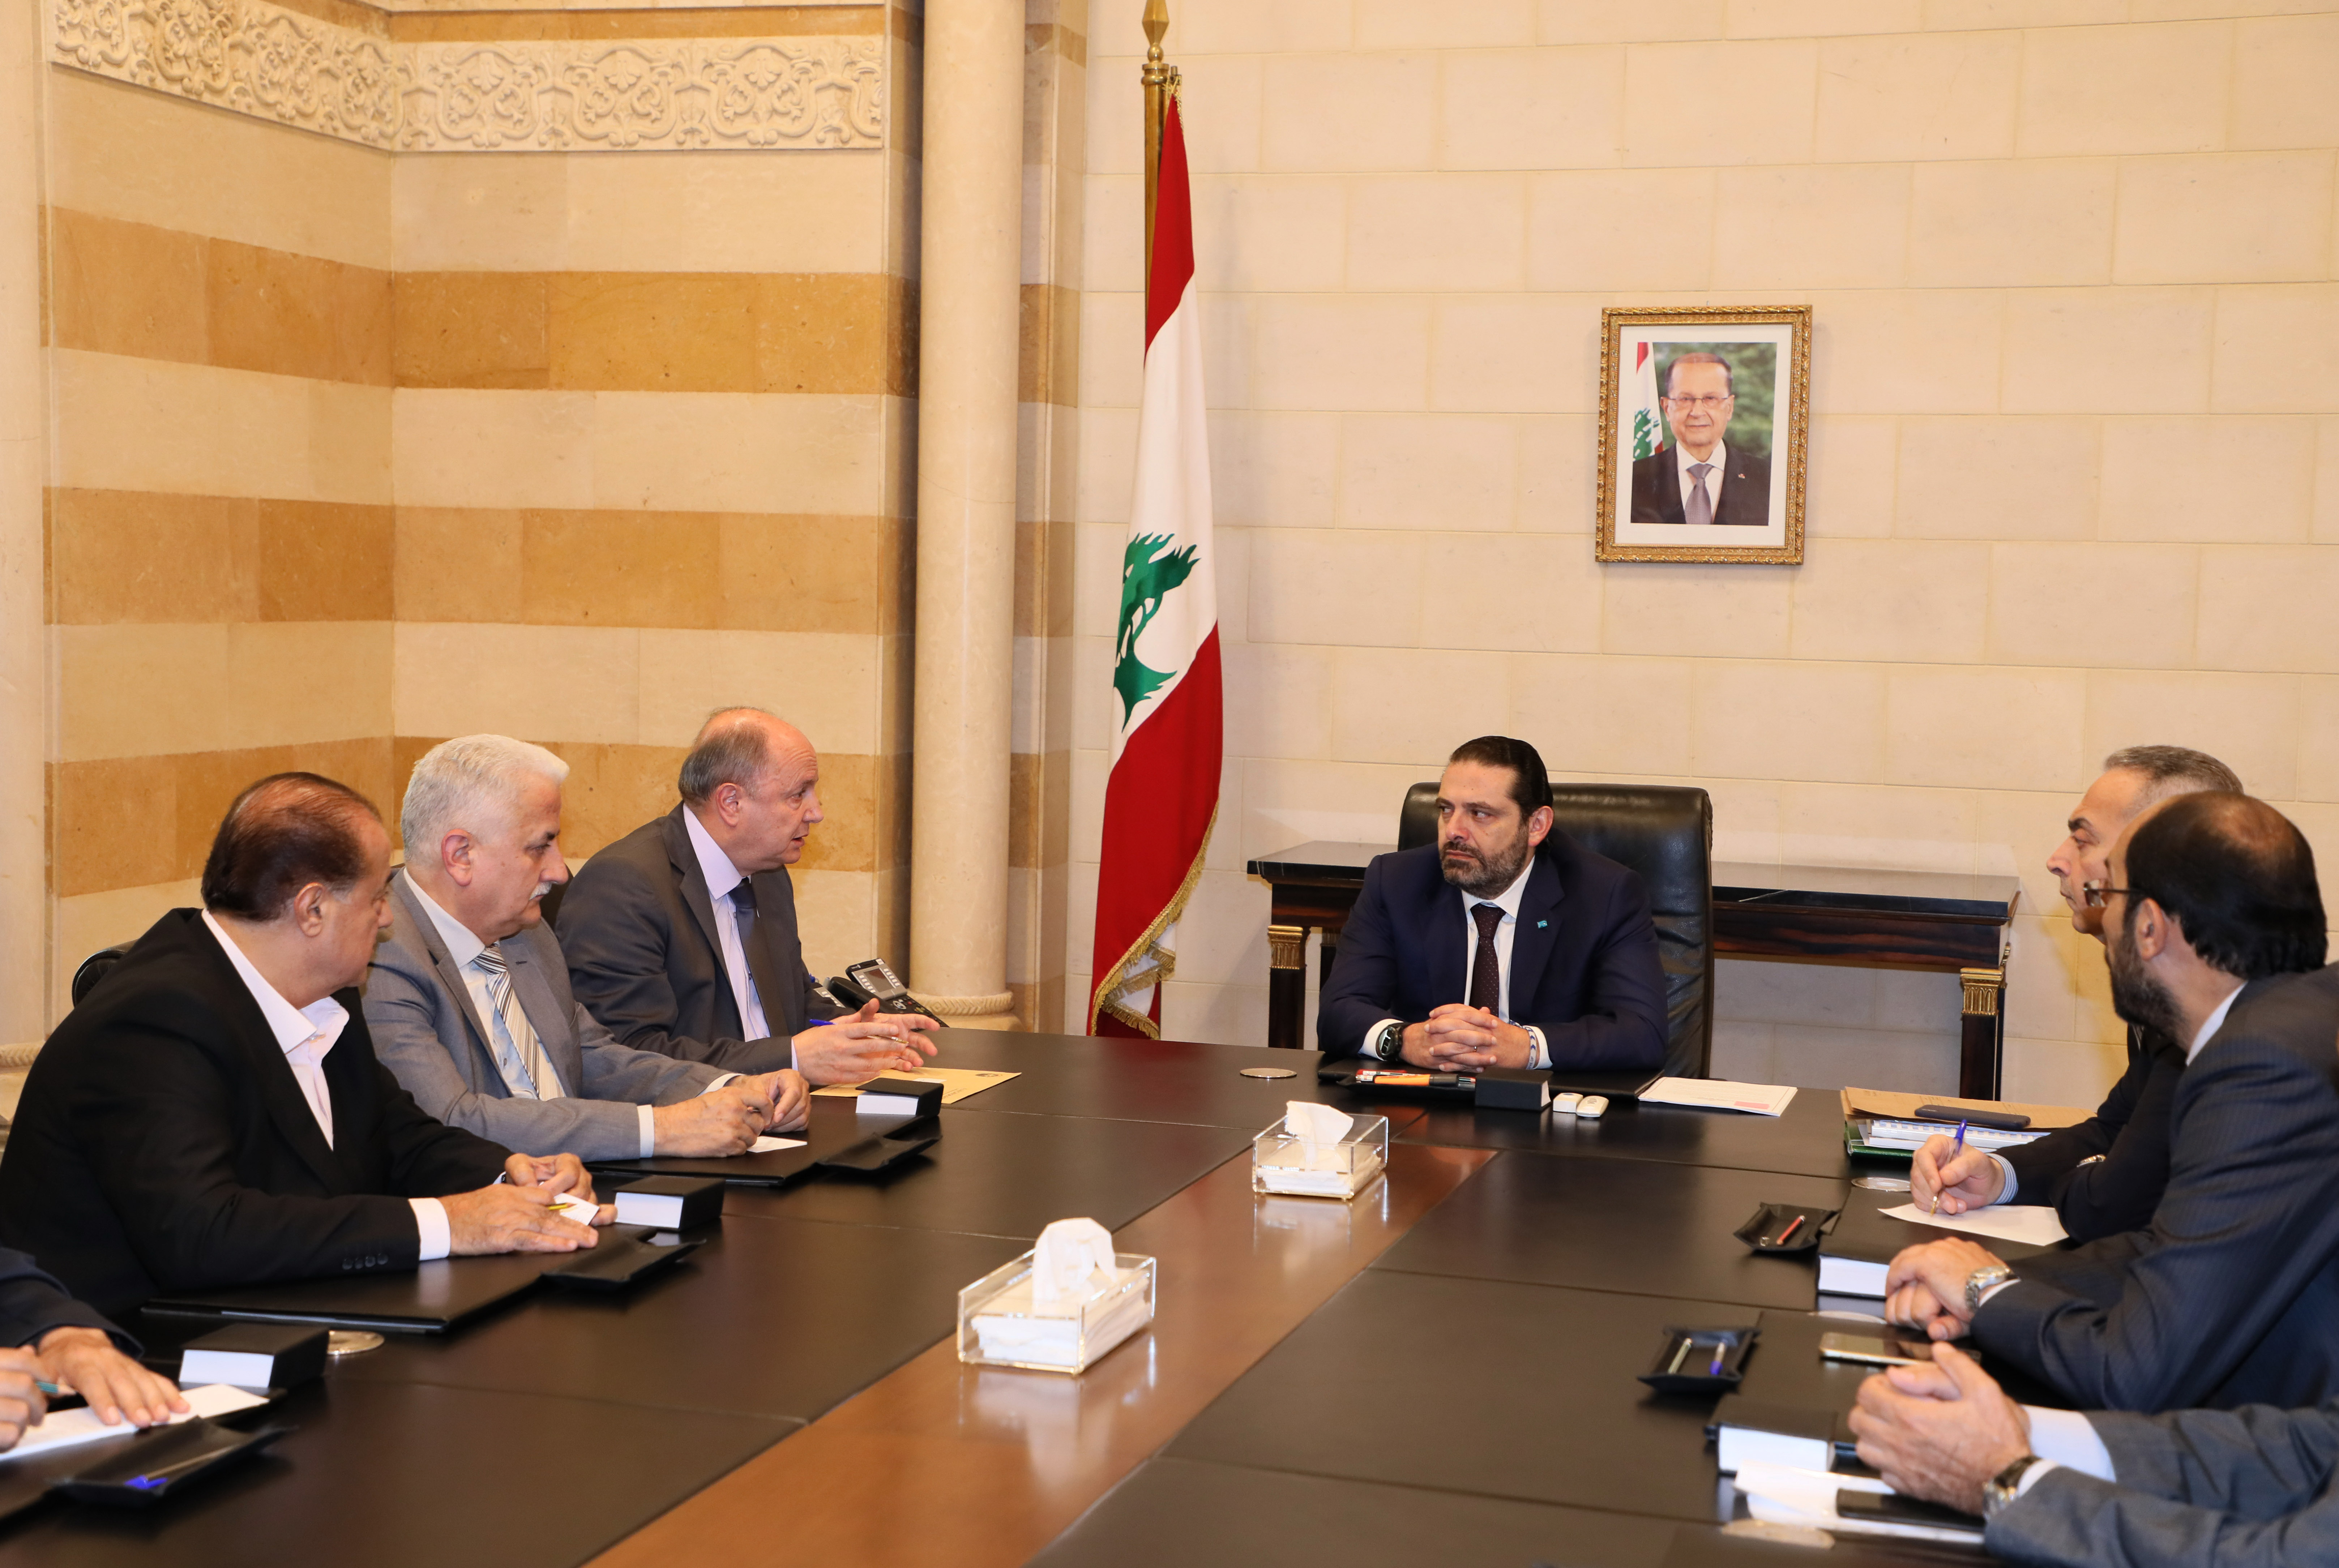 Pr Minister Saad Hariri meets Mr Bechare el Asmar with a Delegation